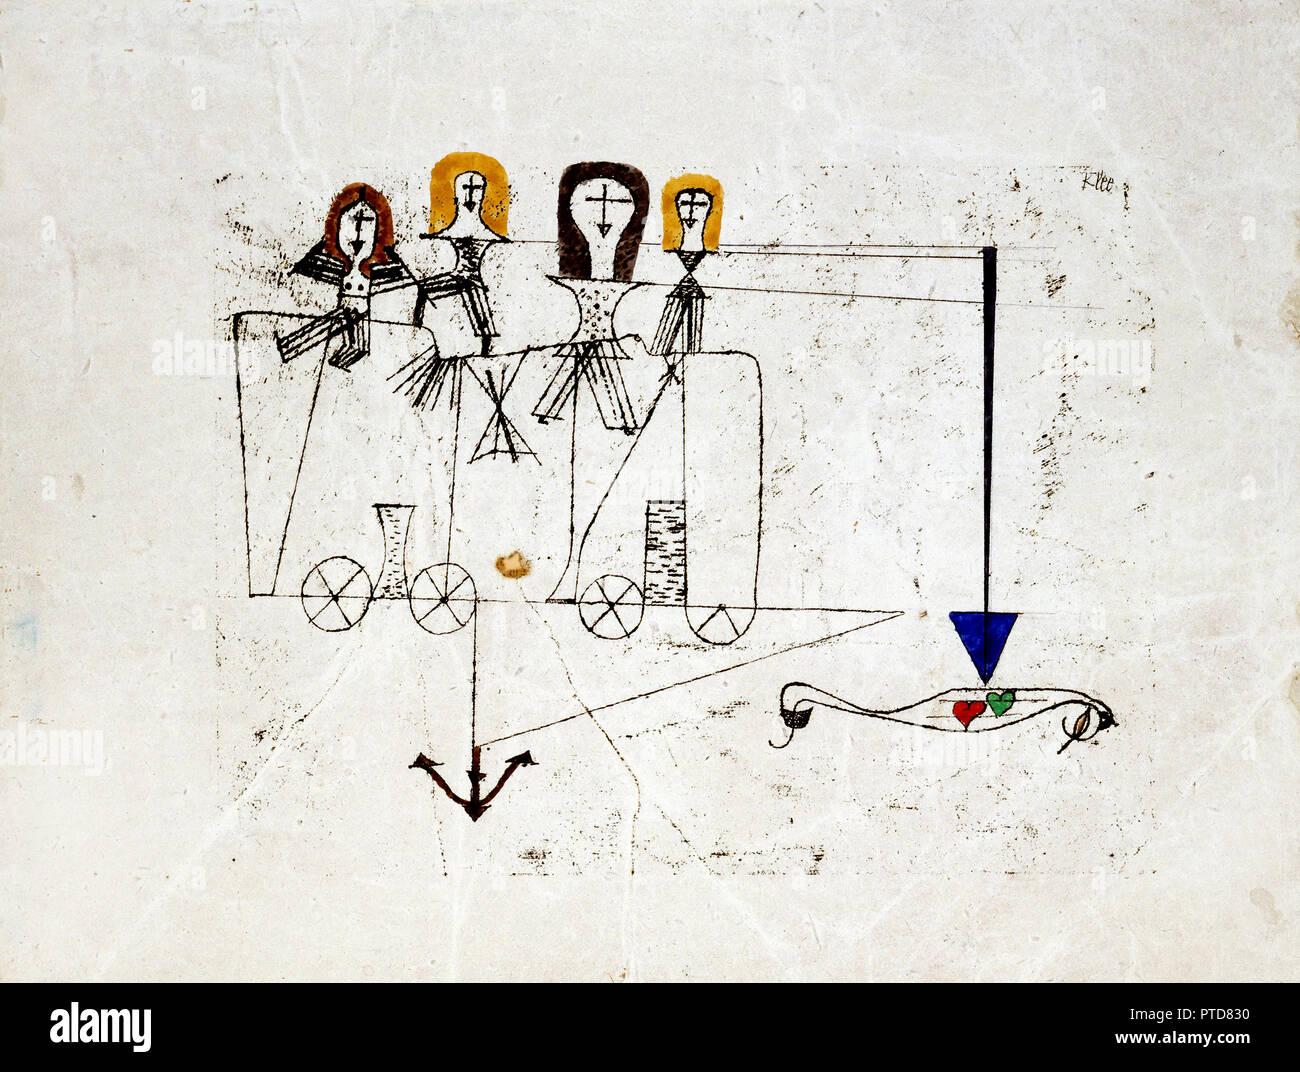 Paul Klee, La vertu Wagon à la mémoire du 5 octobre 1922, 1922 Dessin de transfert d'huile et aquarelle sur sol préparé sur papier, Nelson-Atkins Museum of Art, Kansas City, Missouri, États-Unis. Banque D'Images